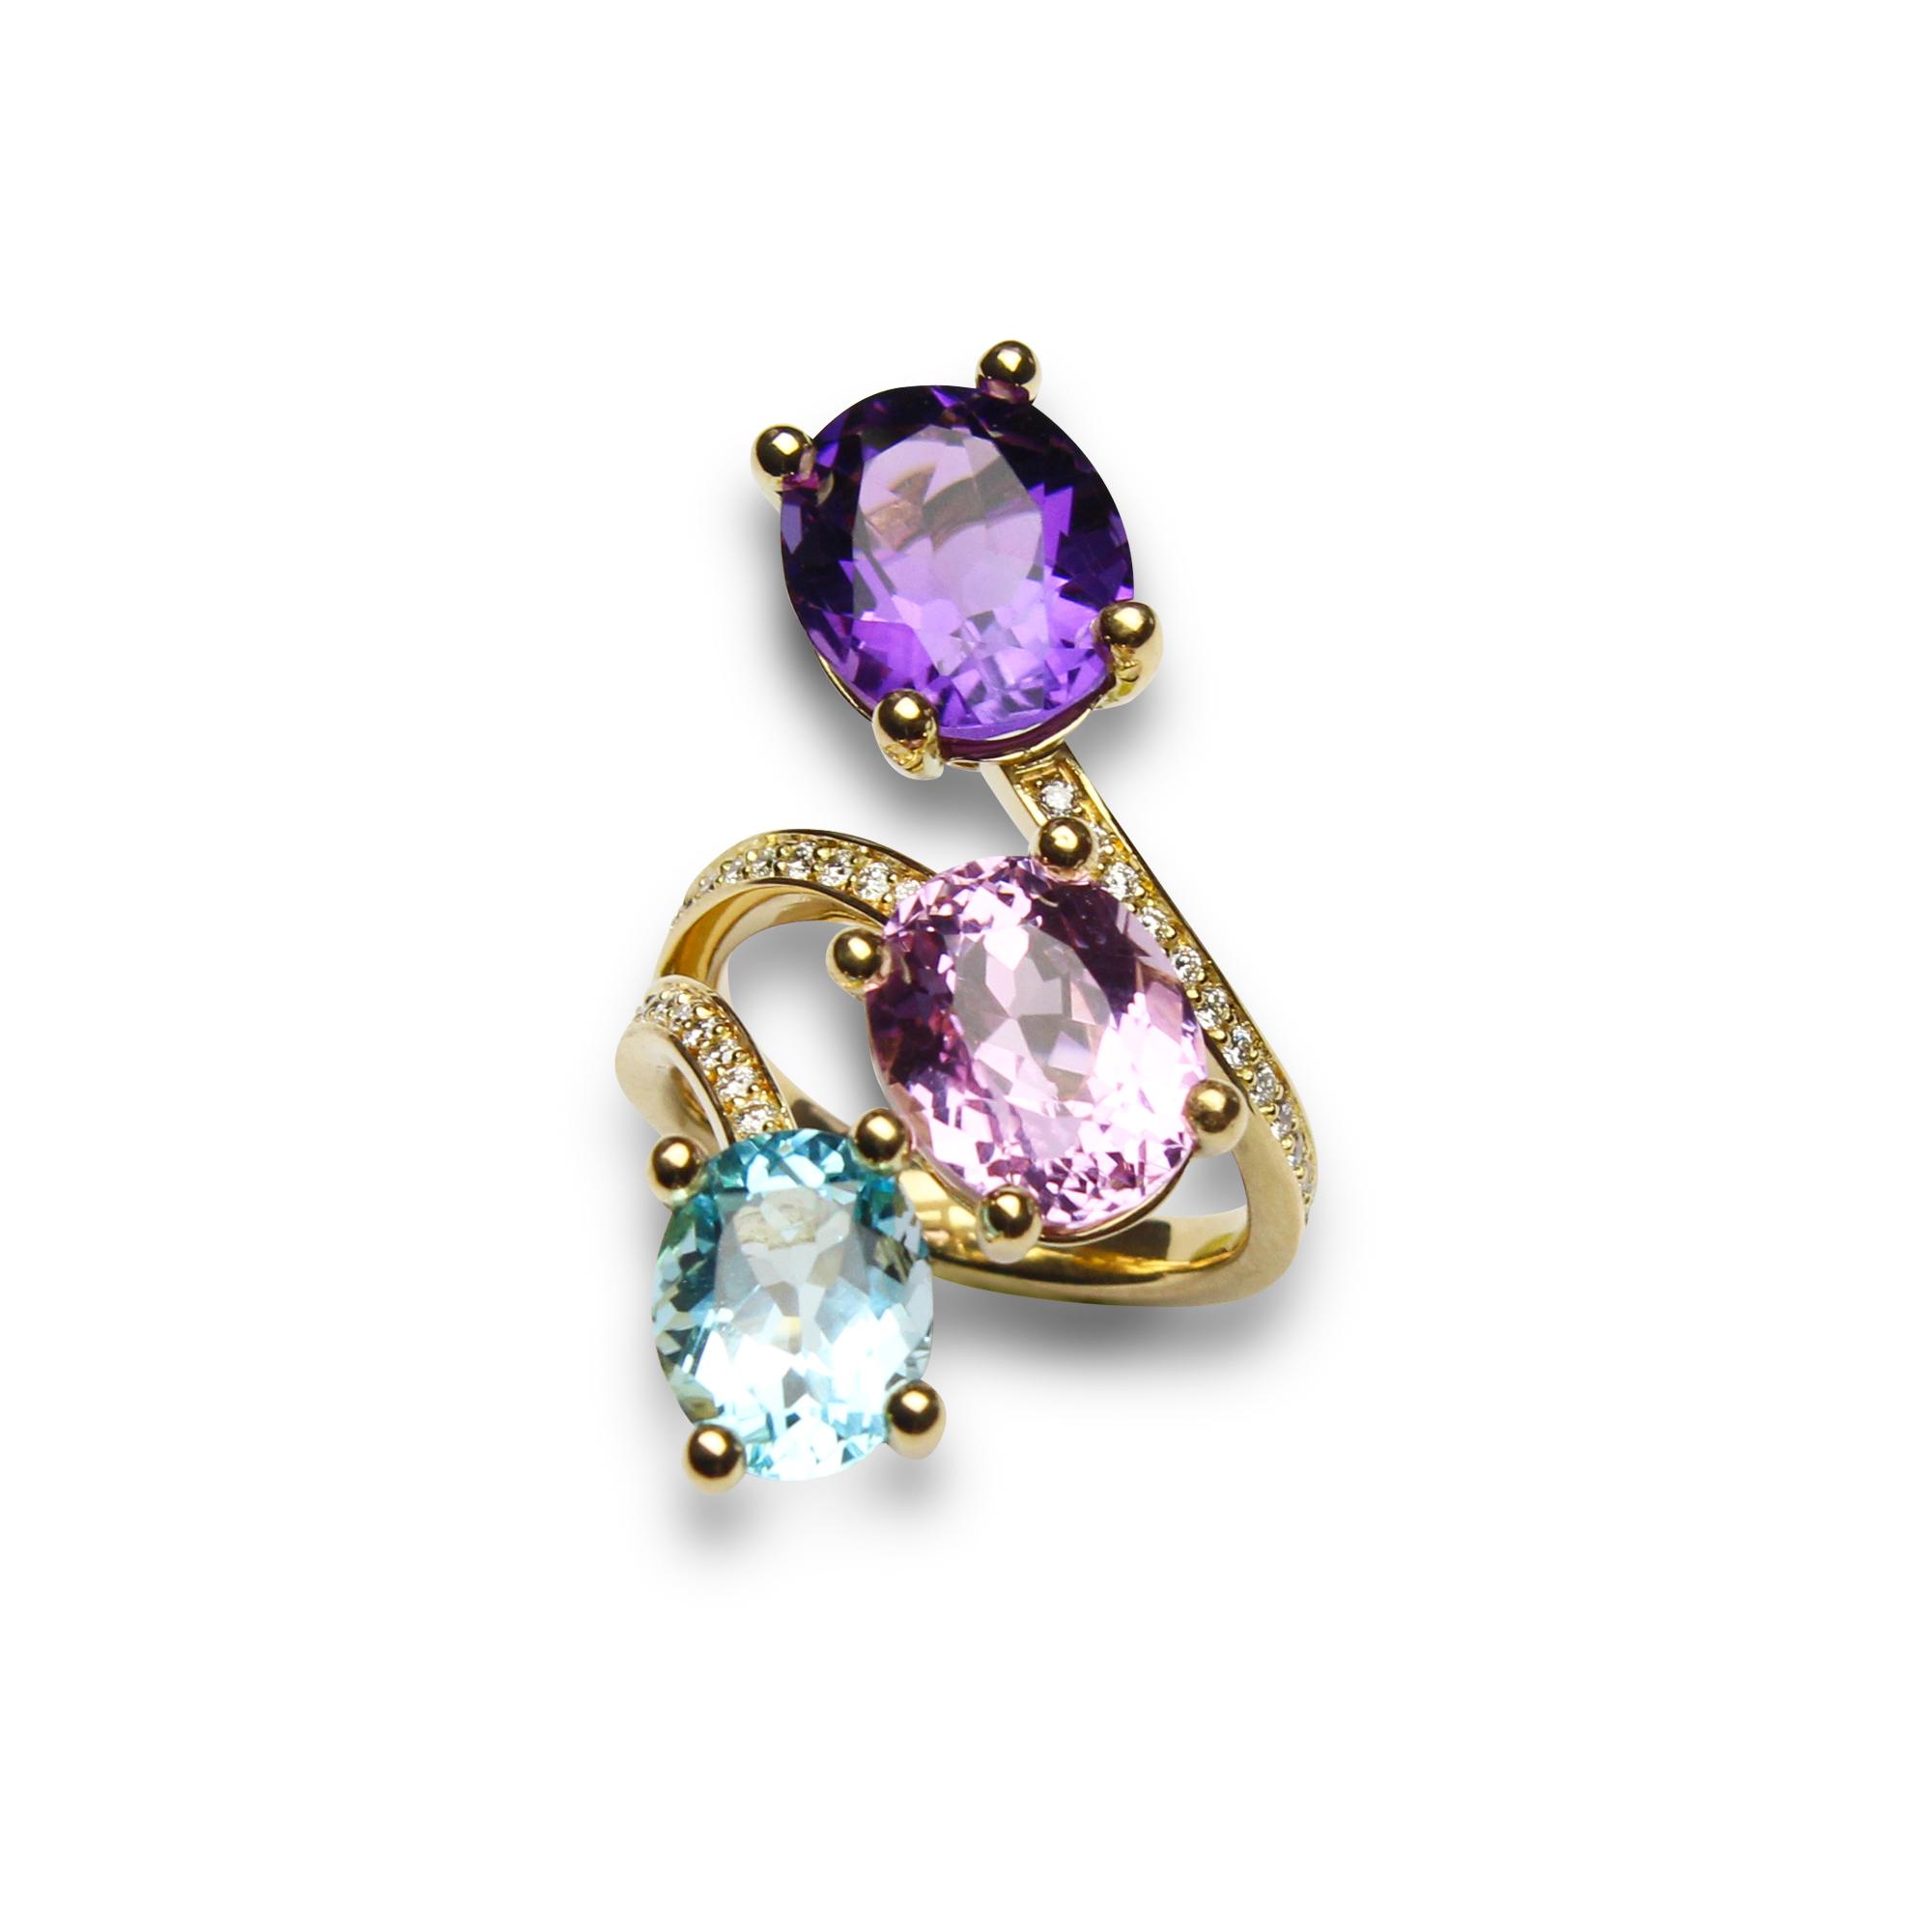 Paradiso anello 1218 in oro giallo 18 carati con ametista kuzite topazio azzurro e diamanti